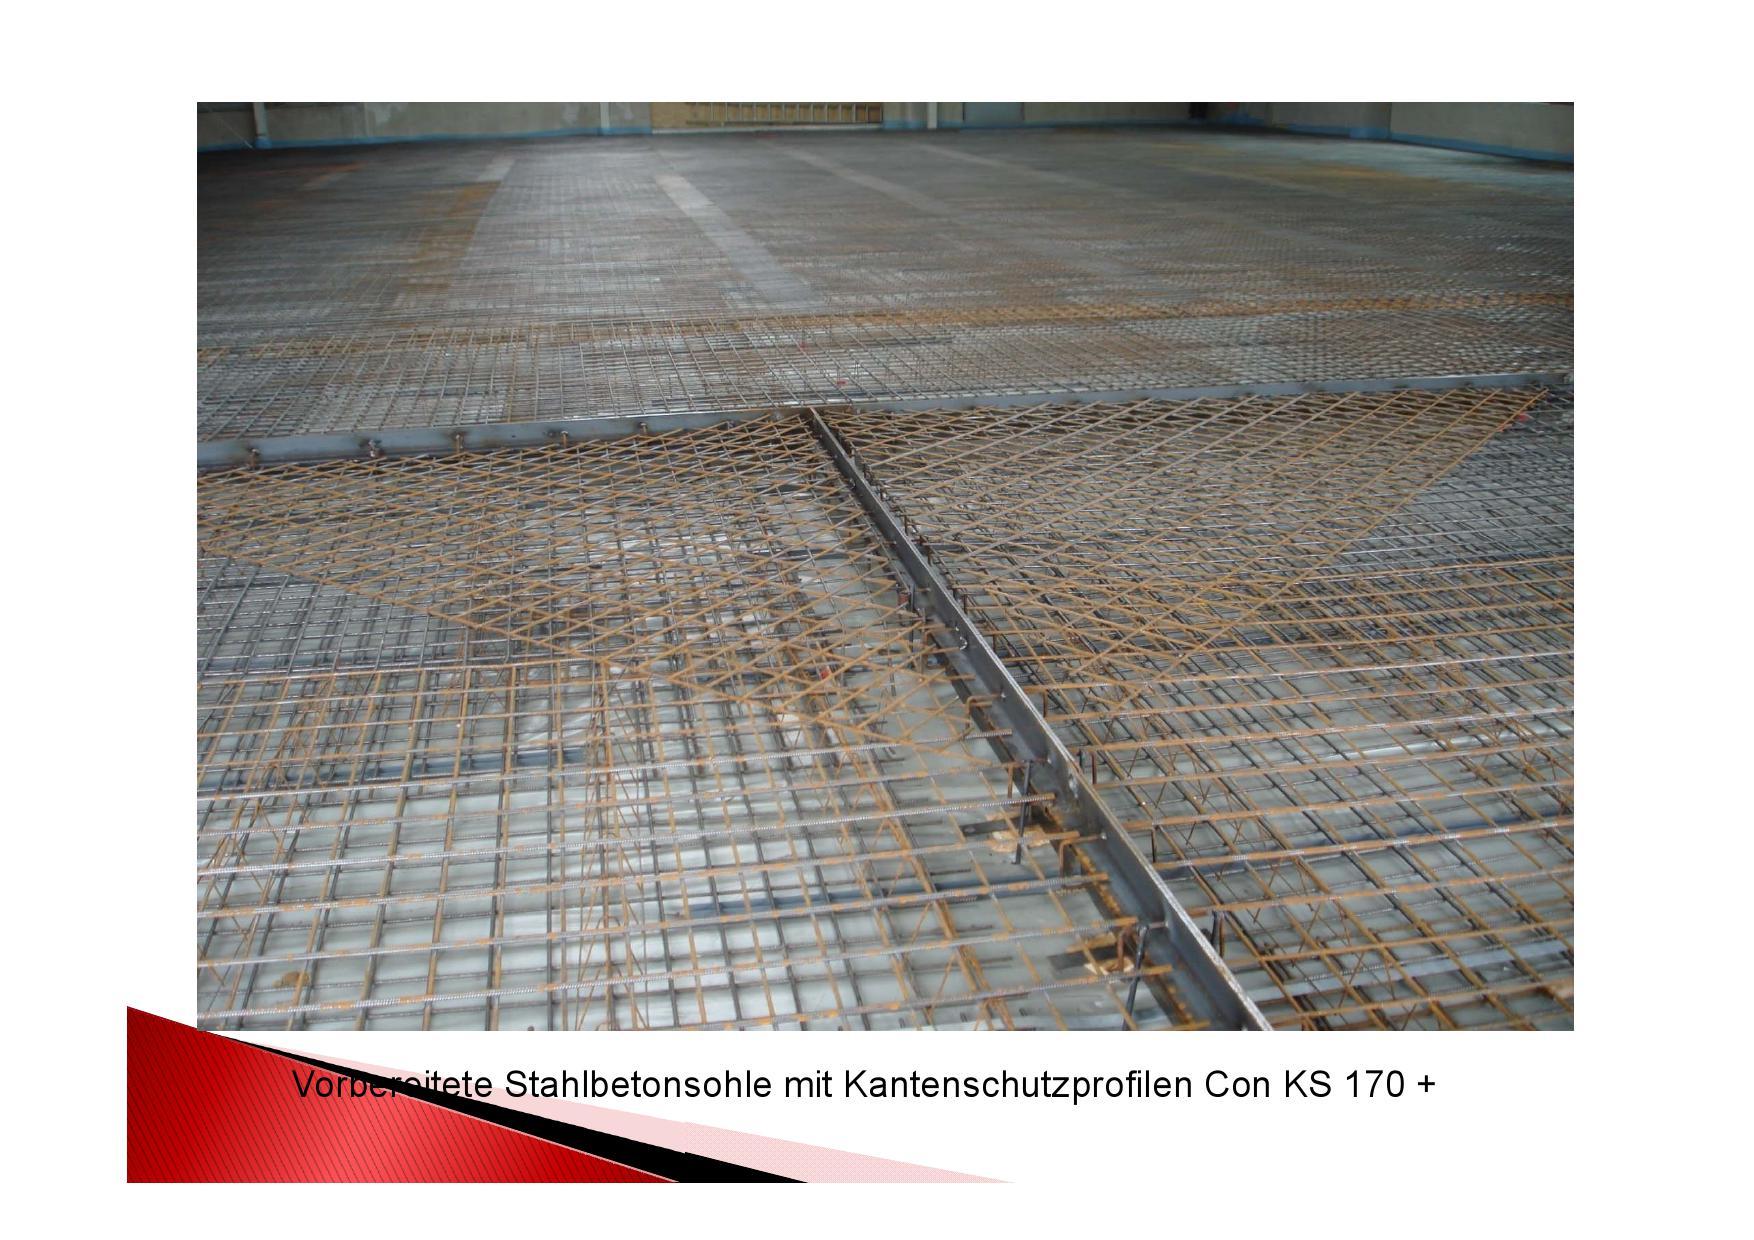 Vorbereitete Stahlbetonsohle Con KS 170+